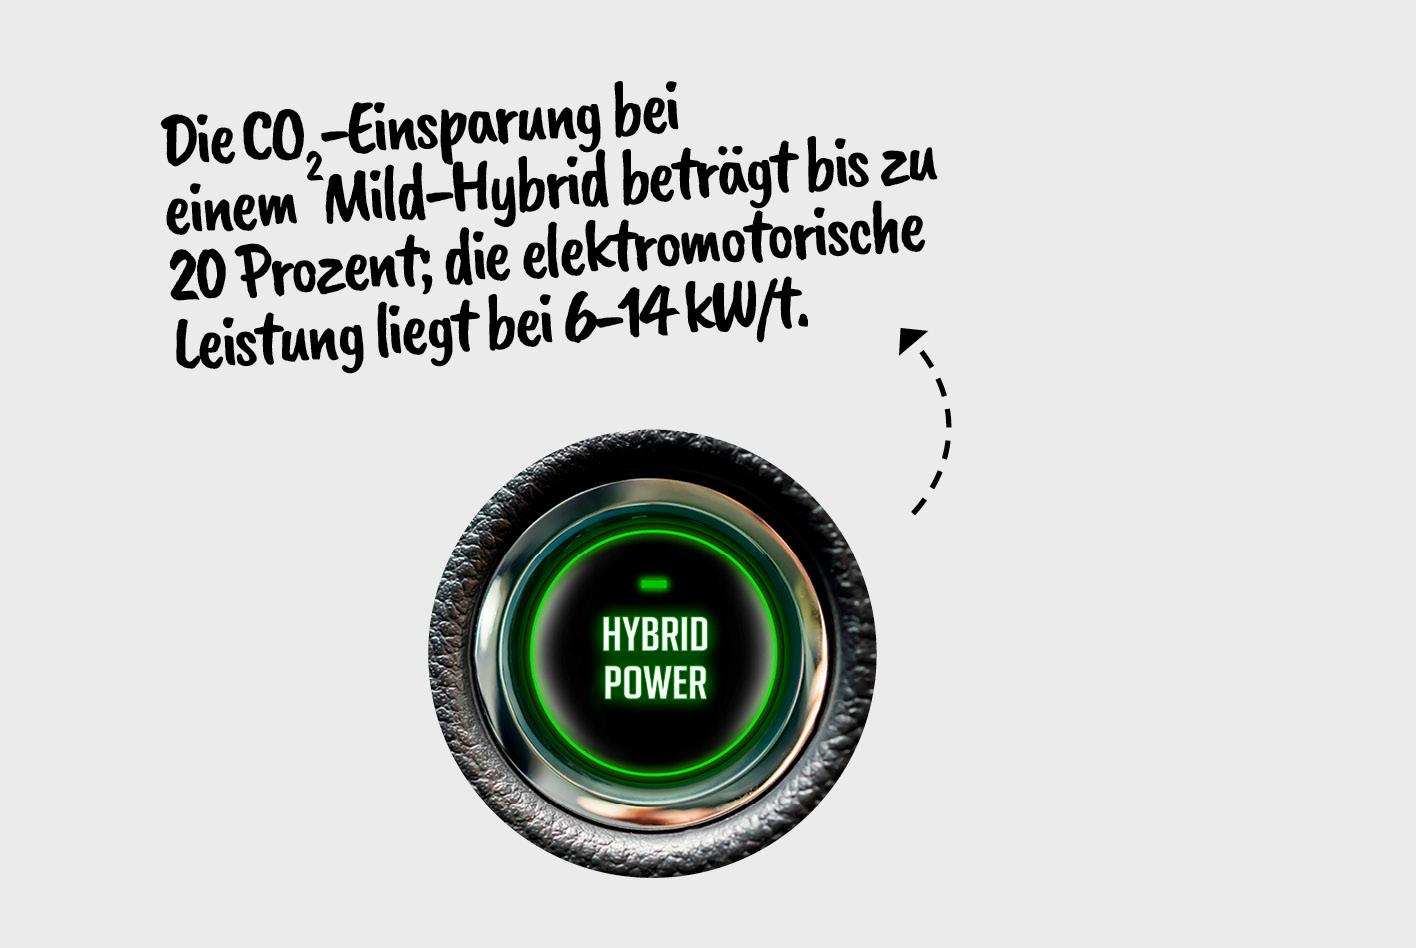 Die CO2-Einsparung beträgt bis zu 20 Prozent; die elektromotorische Leistung liegt bei 6-14 kW/t.